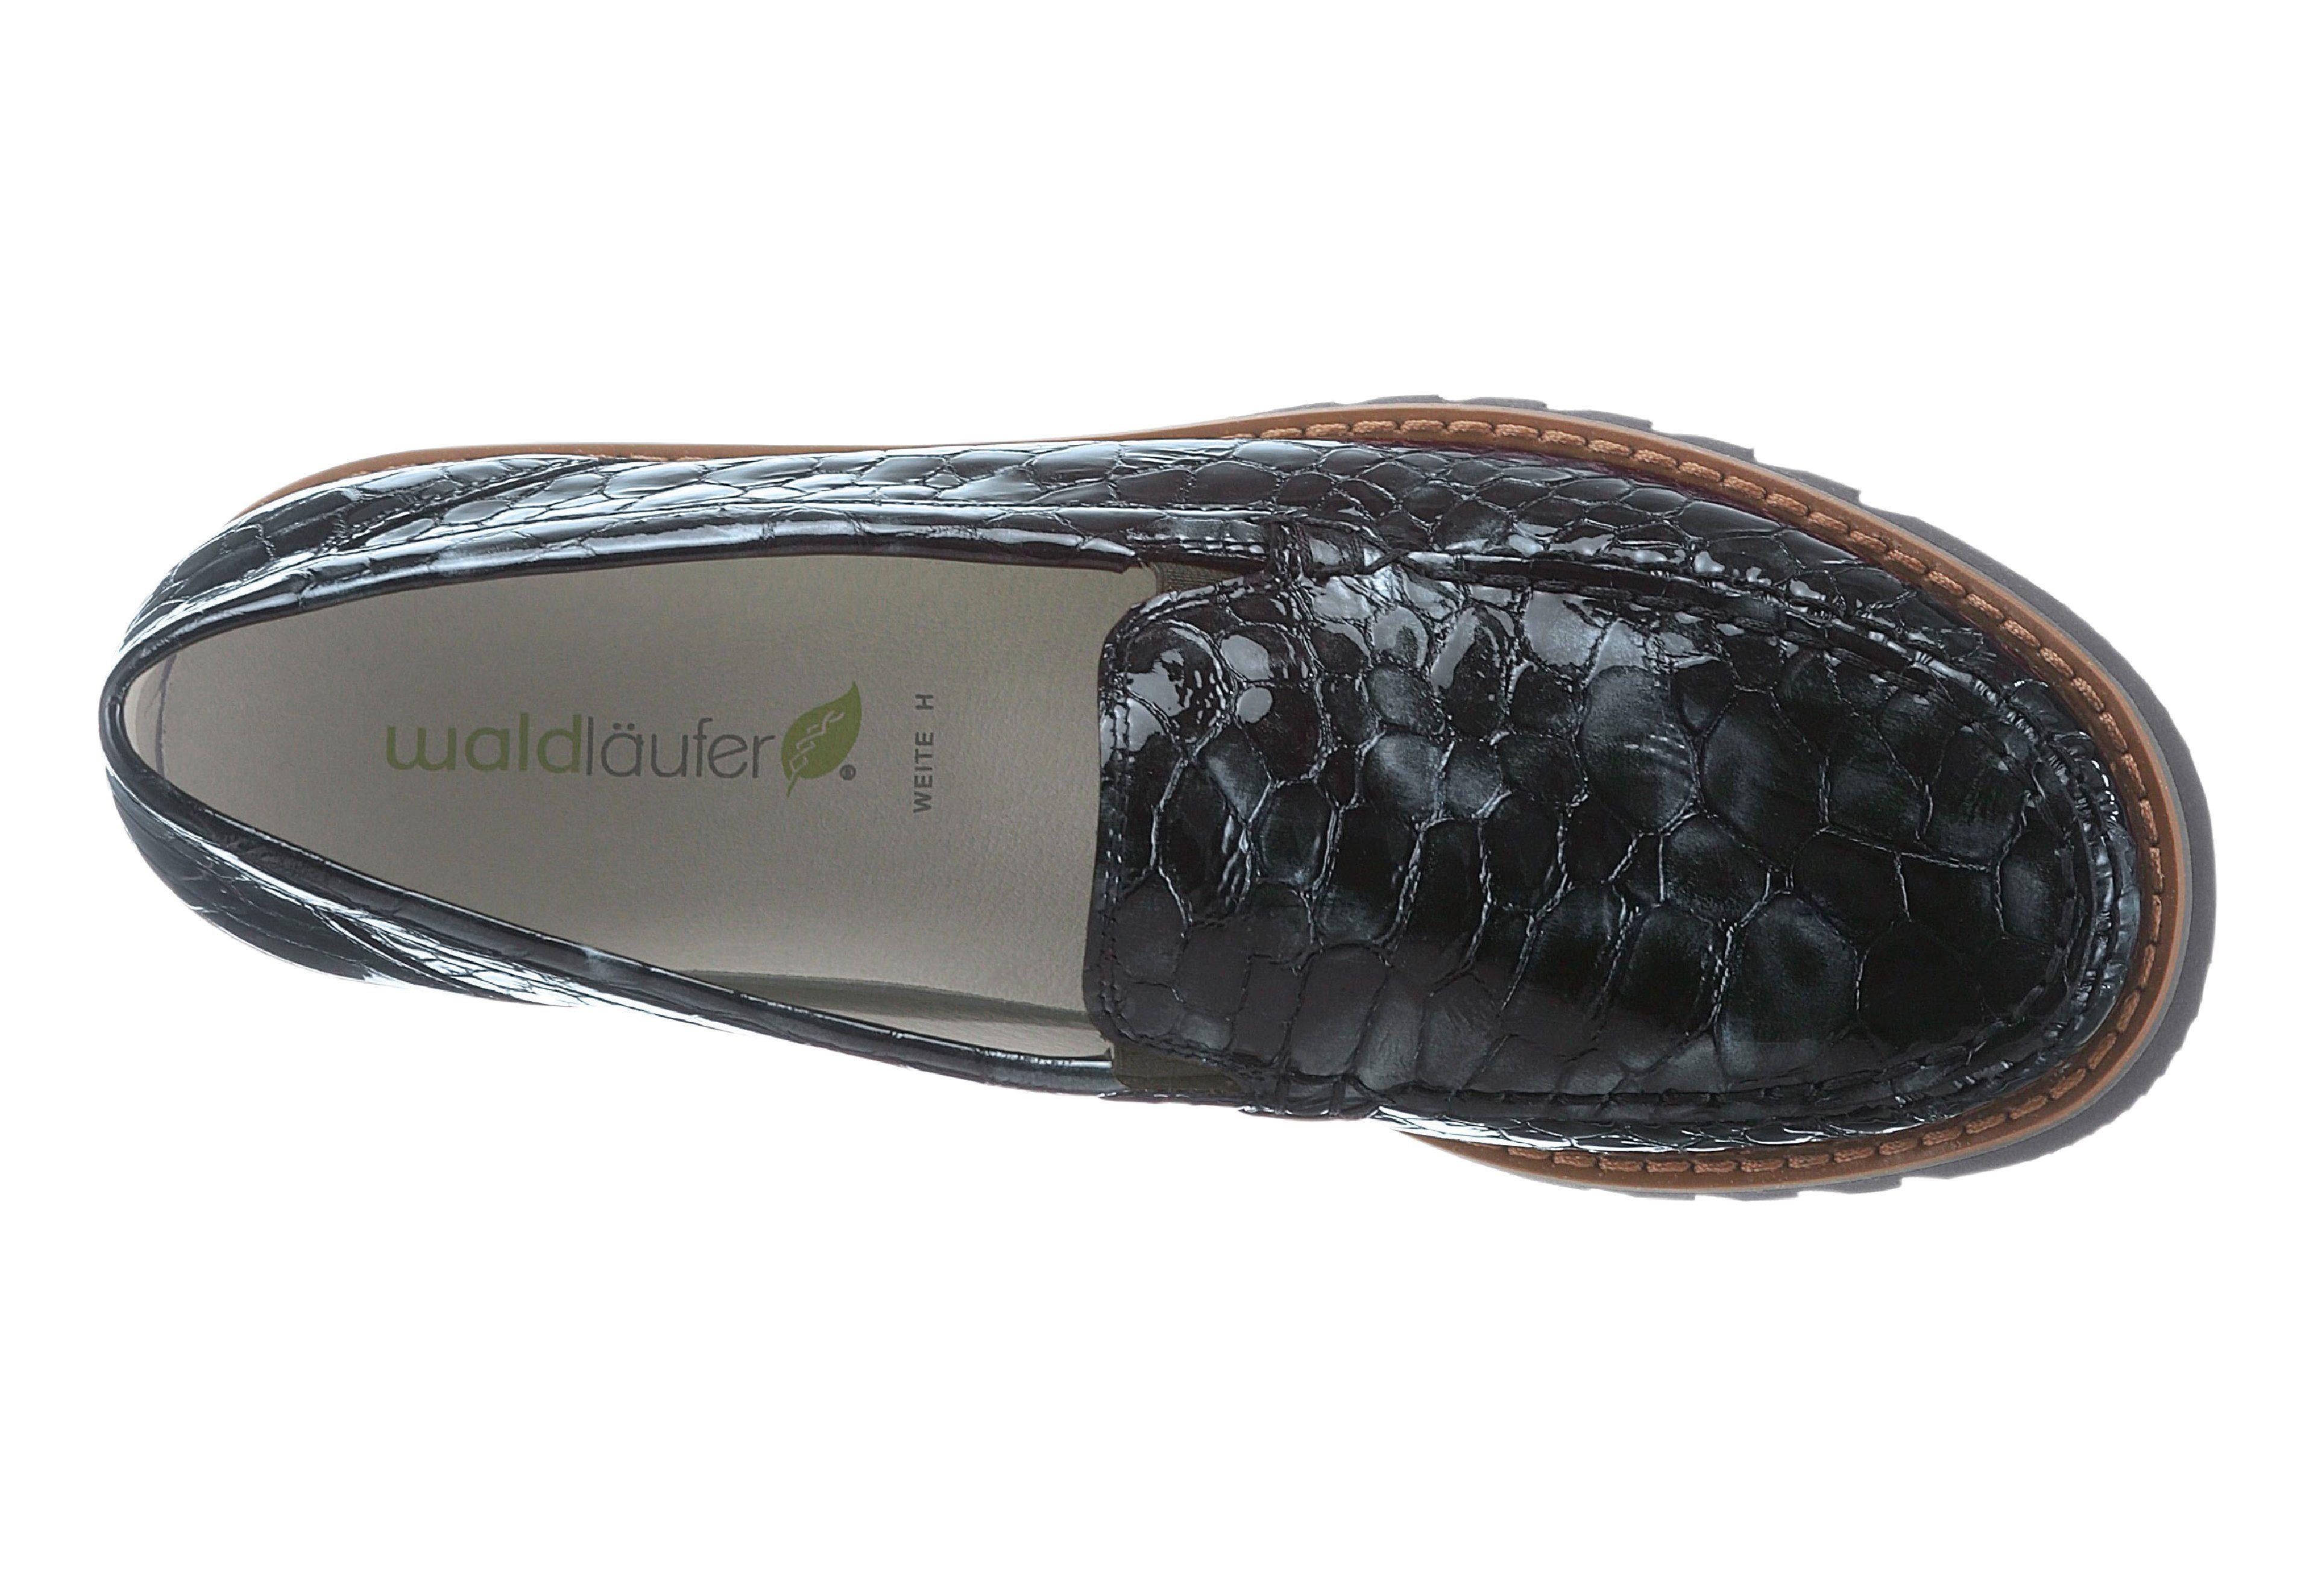 Waldläufer Slipper mit Wechselfußbett kaufen  schwarz-lack